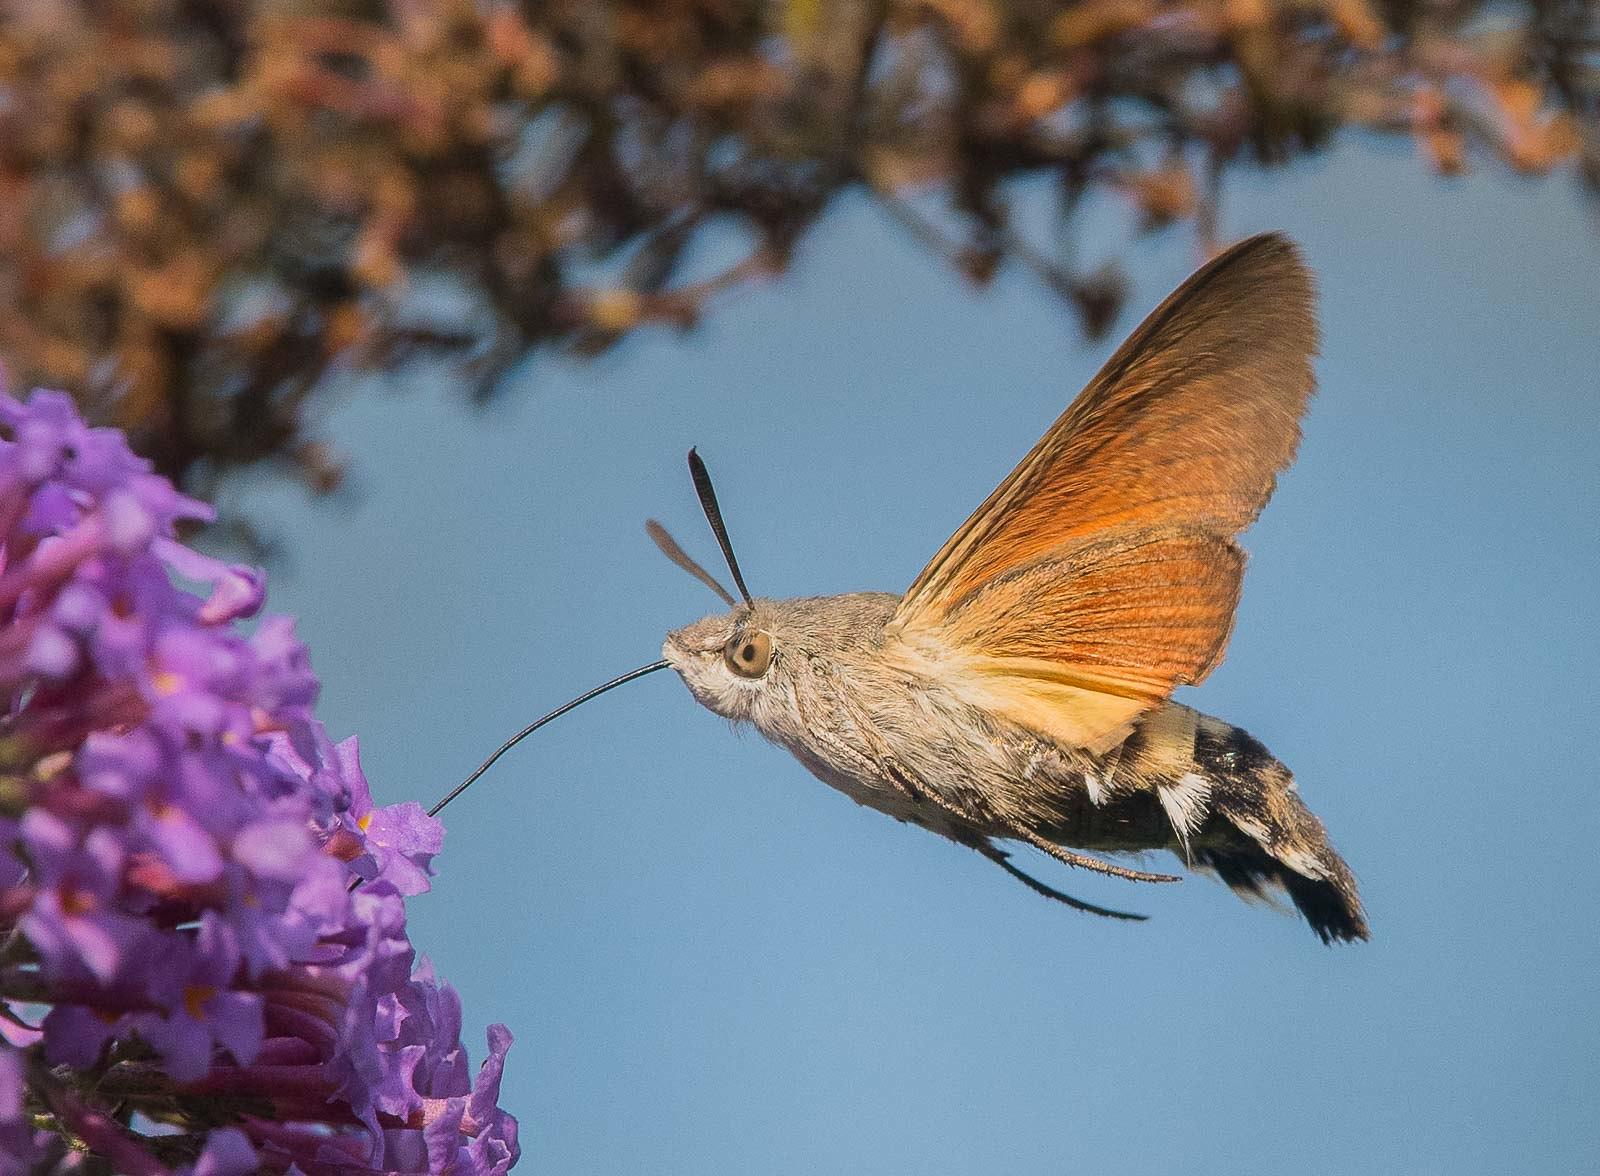 48483484371-hummingbird-hawk-moth-my-garden-nottingham-dsc7152jpg.jpg